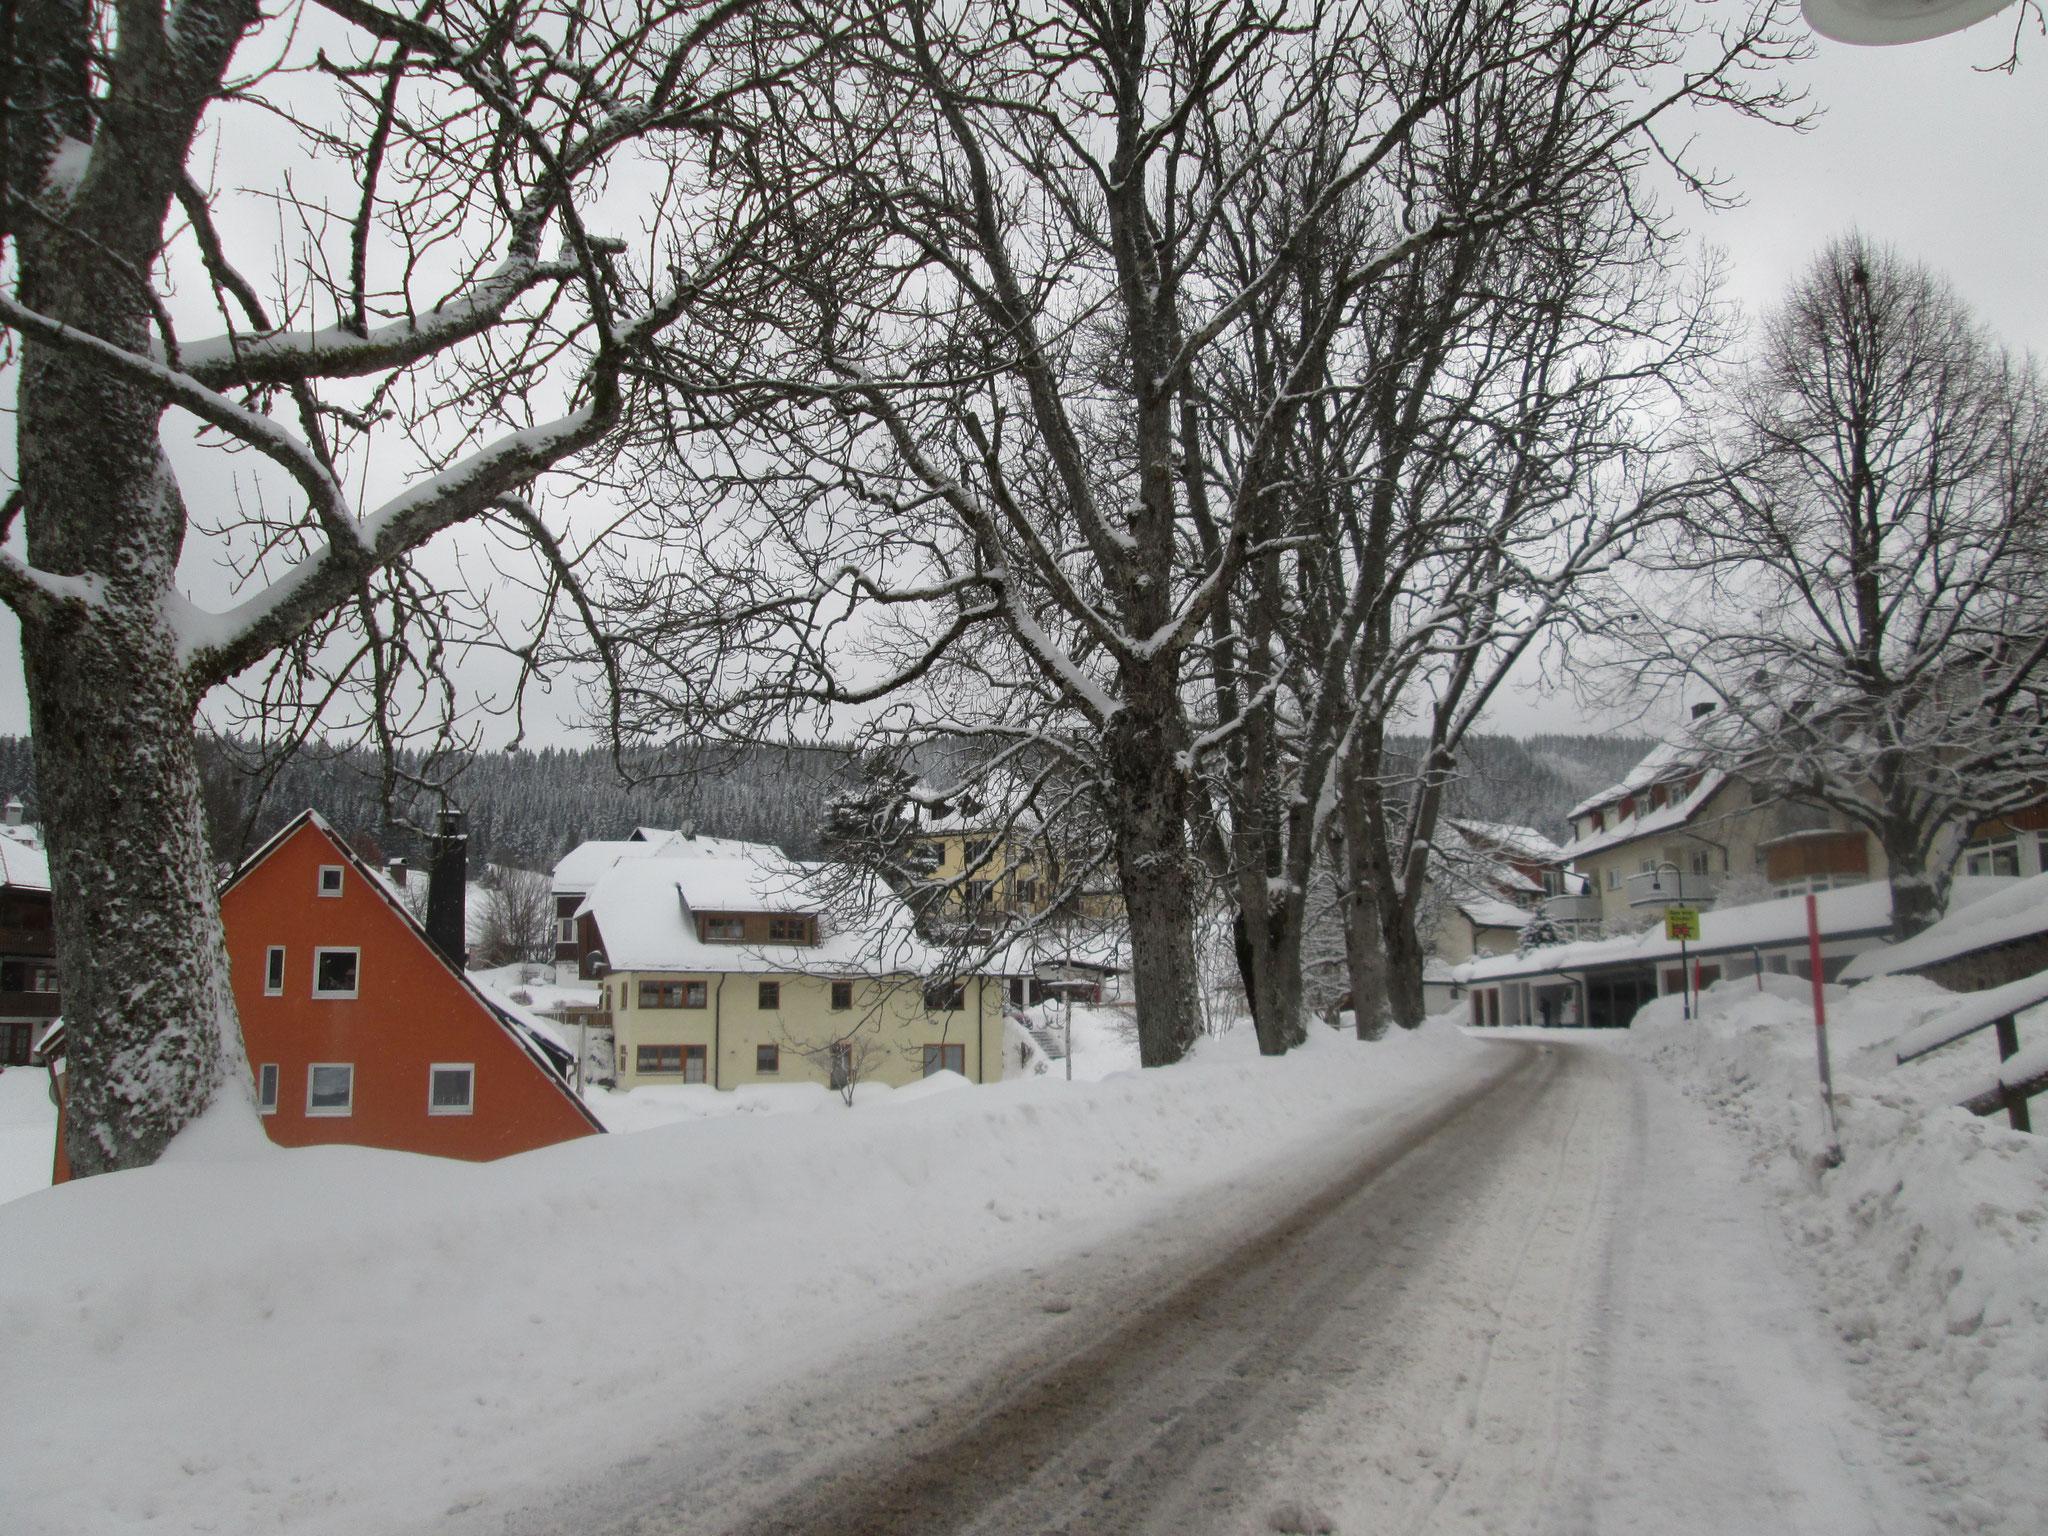 die winterstarre Allee in Schwarz-Weiß beim Friedhof, auf dem die Grabsteine im Leichentuch des Schnees versinken